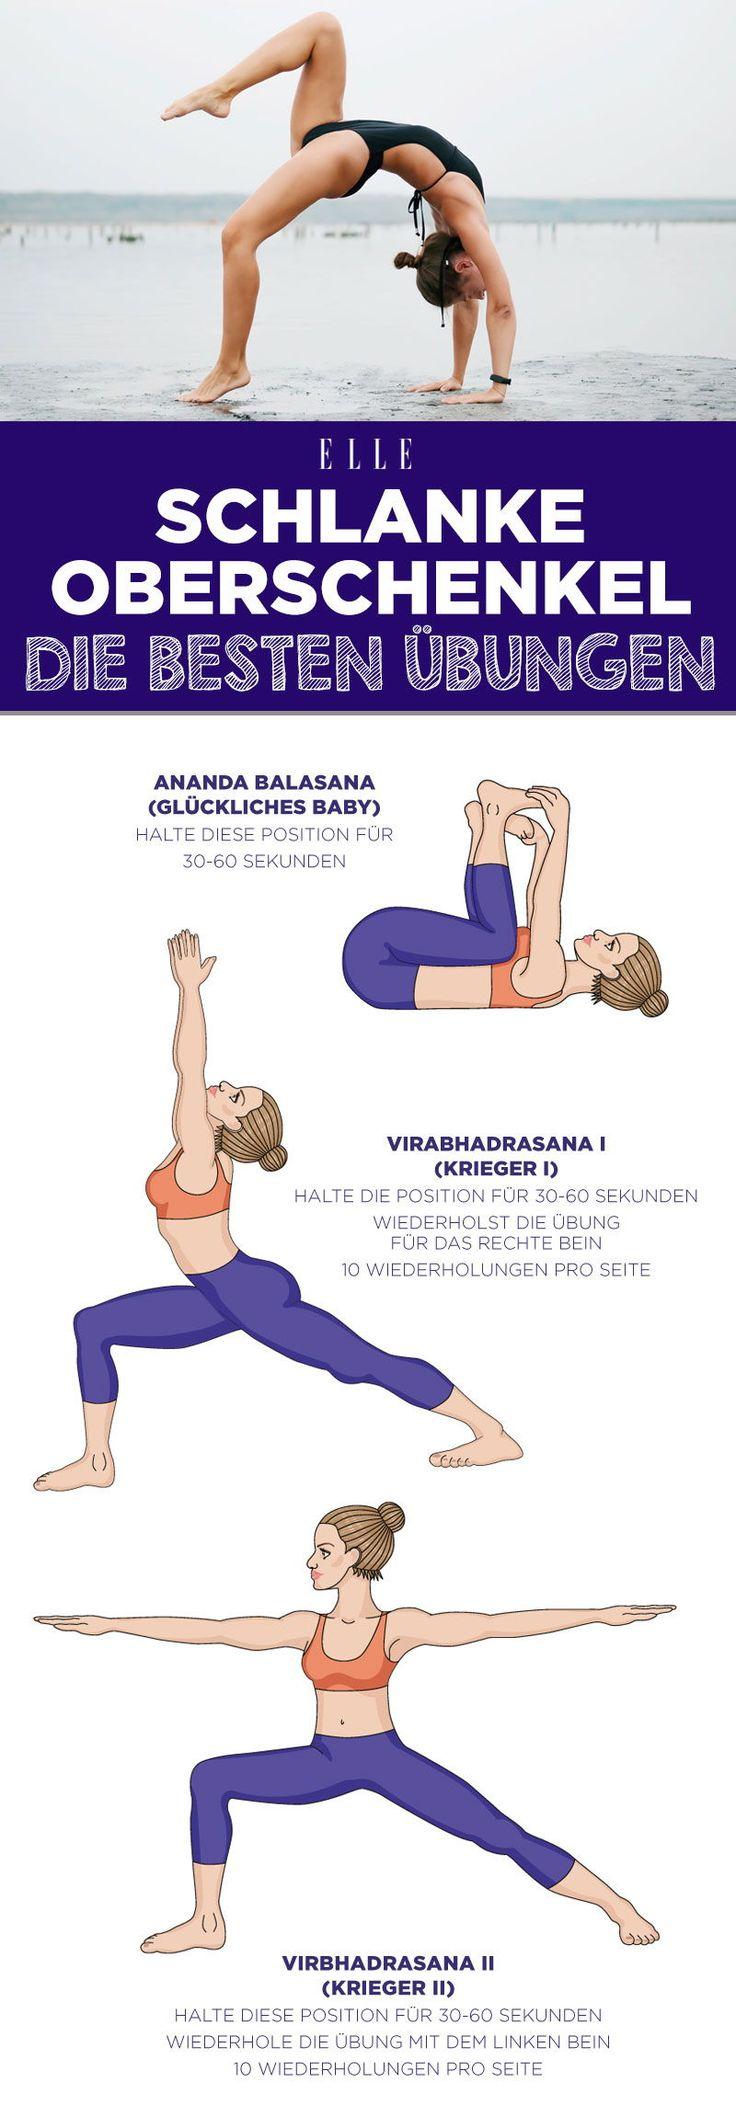 Schlanke Oberschenkel: 3 einfache Yoga-Übungen, die sofort helfen